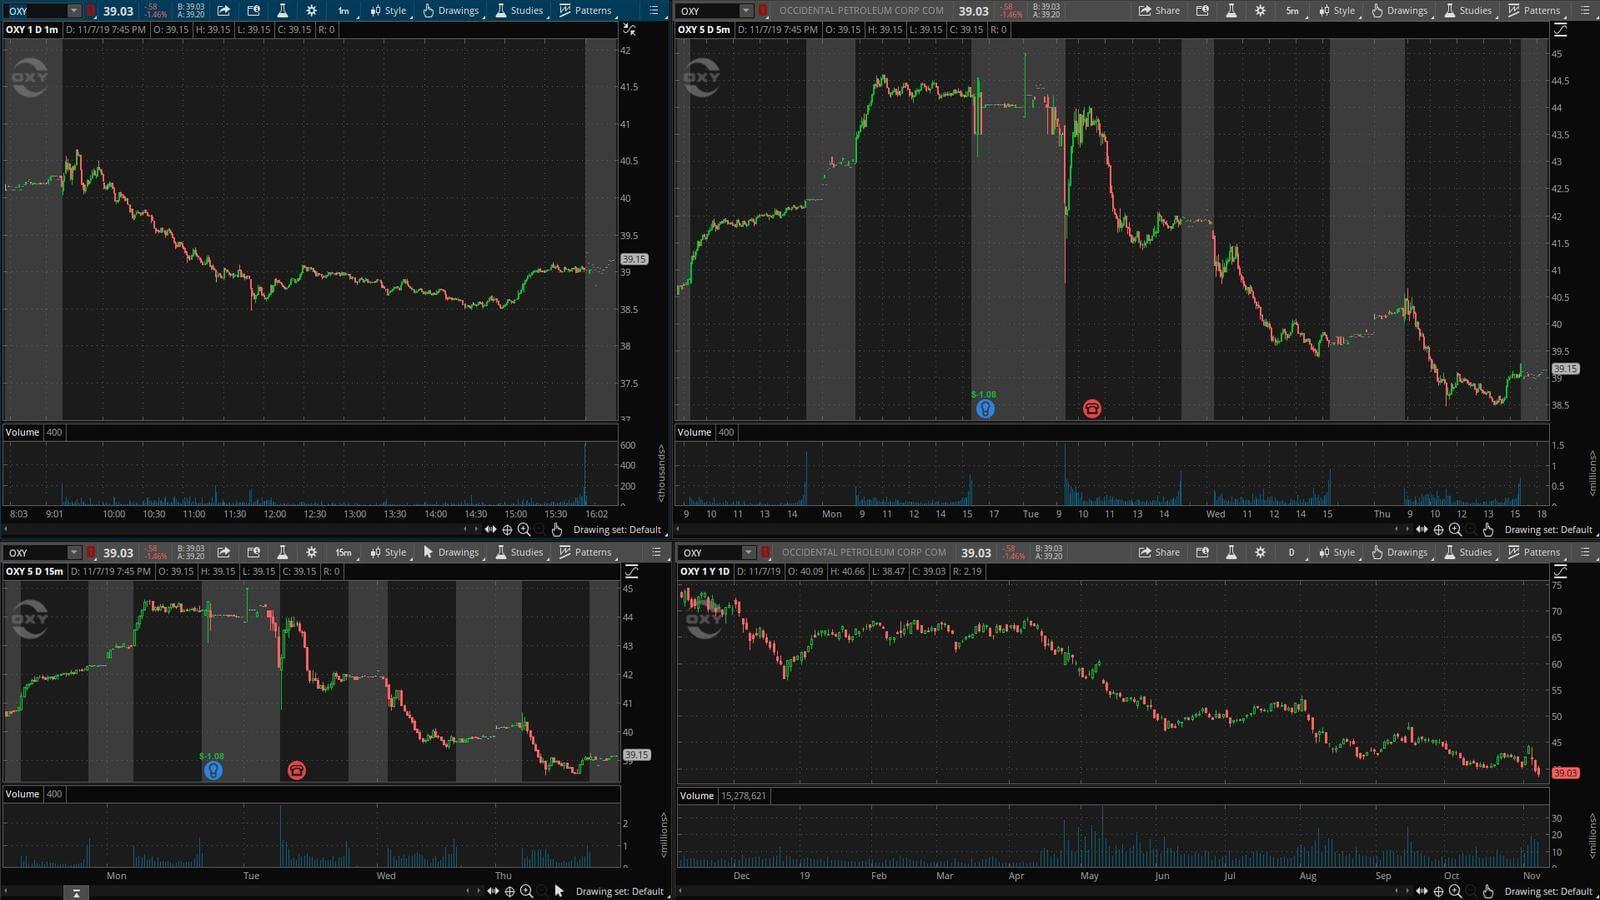 OXY - график акции на фондовой бирже